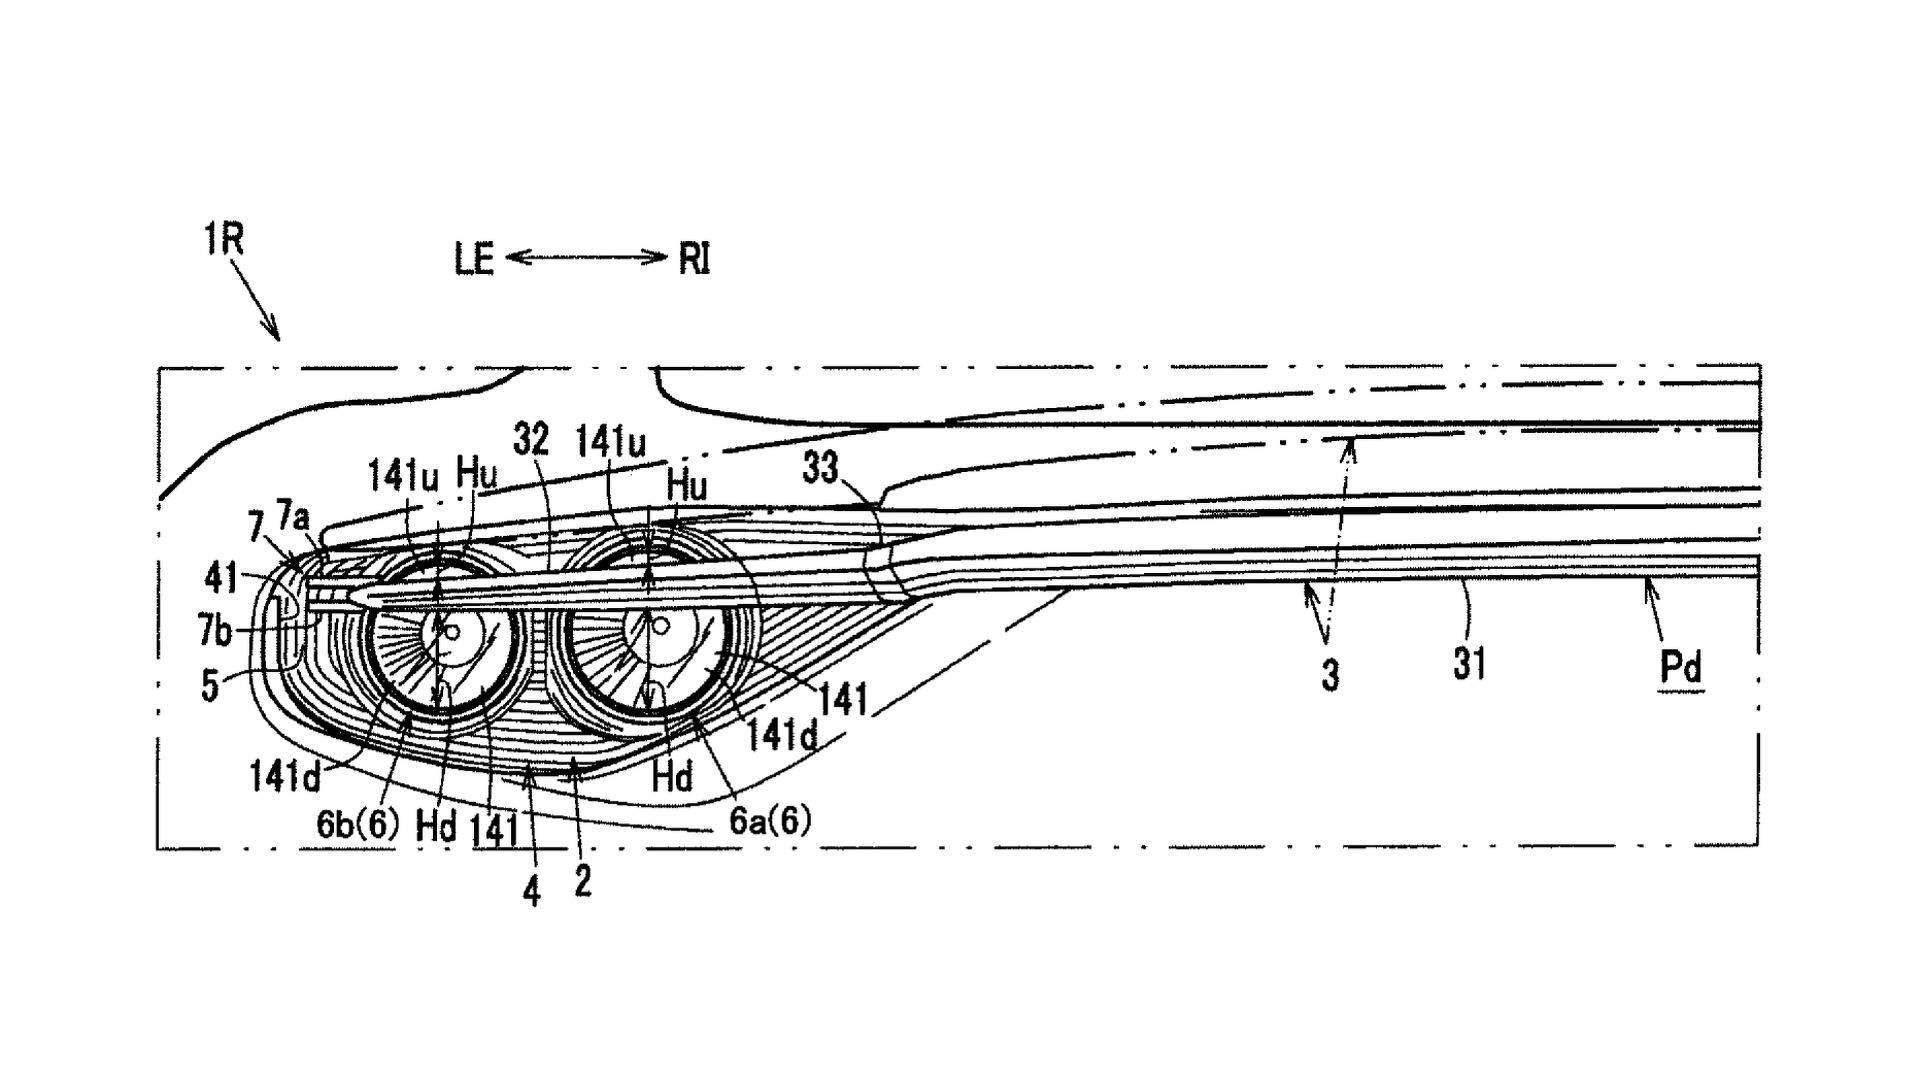 Mazda_Rear_Spoiler_Patent_02